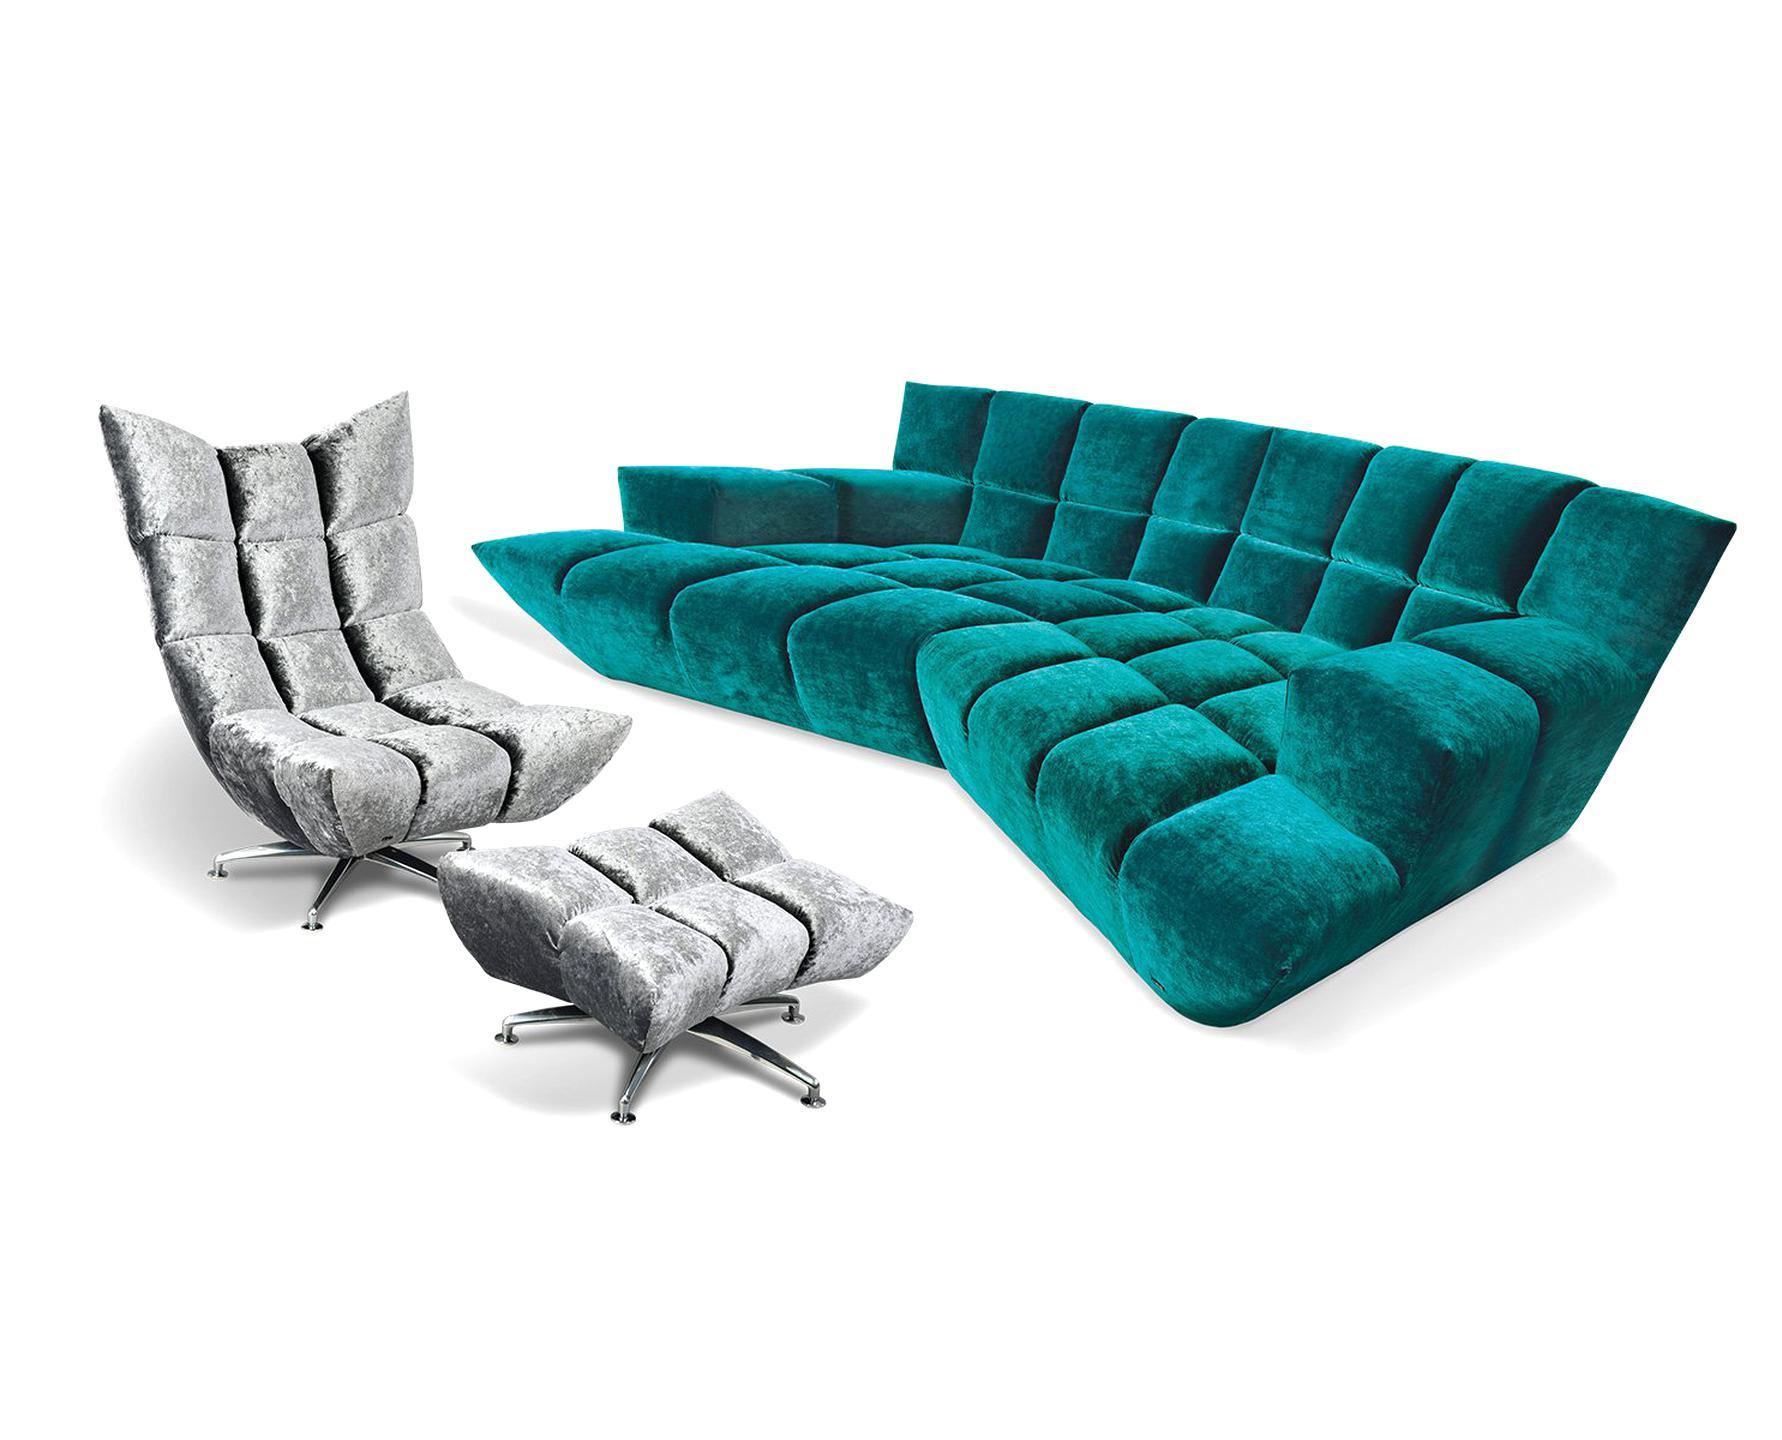 Sofa Sessel Bretz Gebraucht Kaufen Nur 2 St Bis 75 Gunstiger